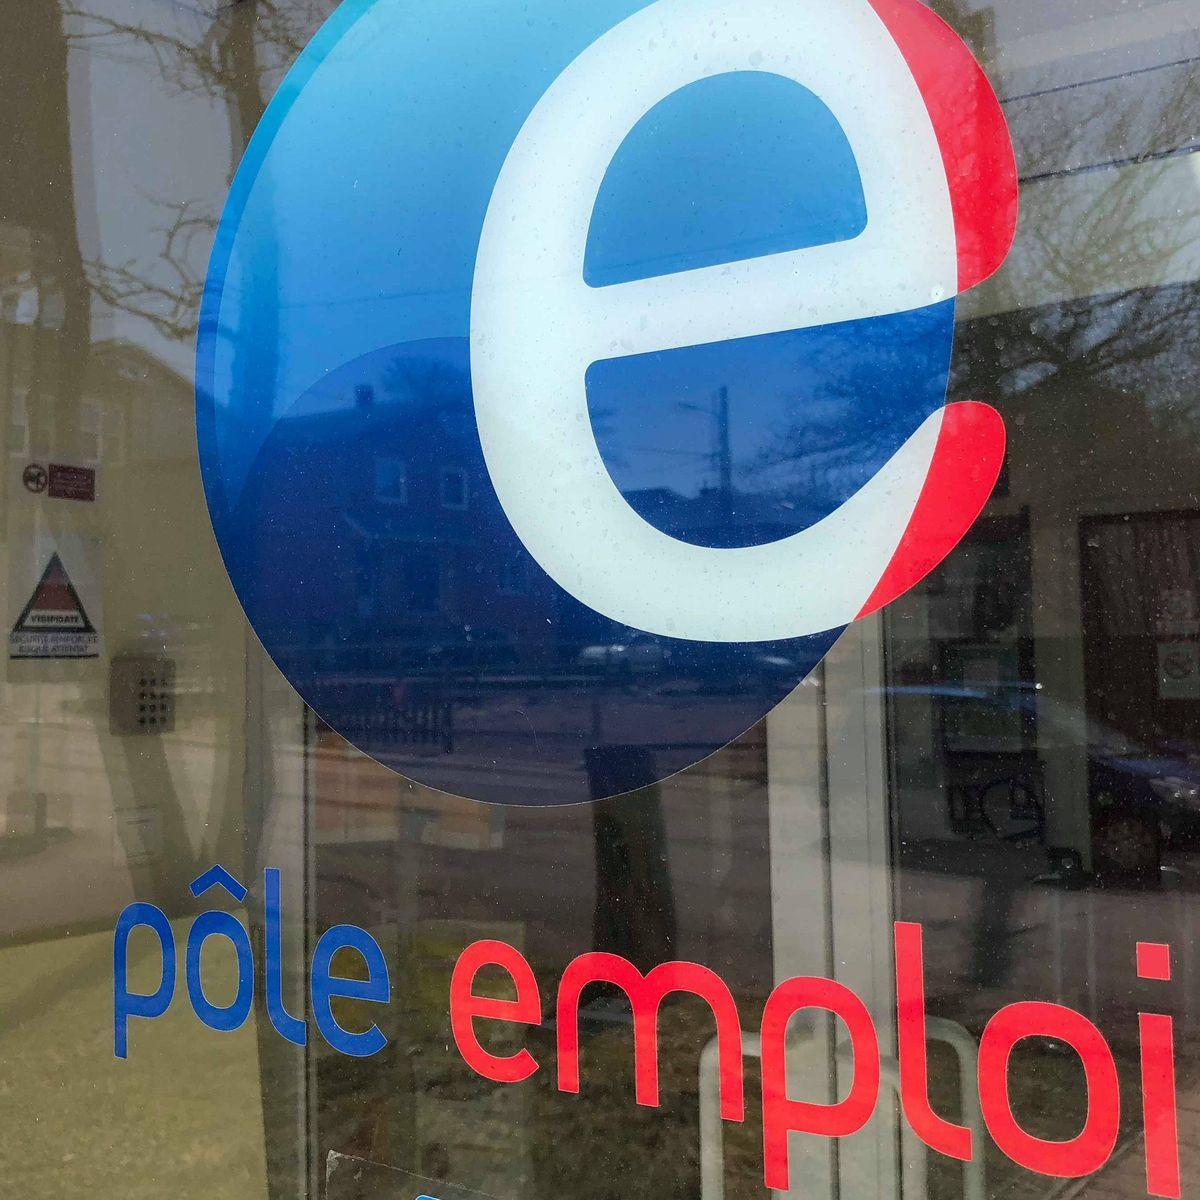 La réforme de l'indemnisation chômage inquiète à Saint-Pierre et Miquelon